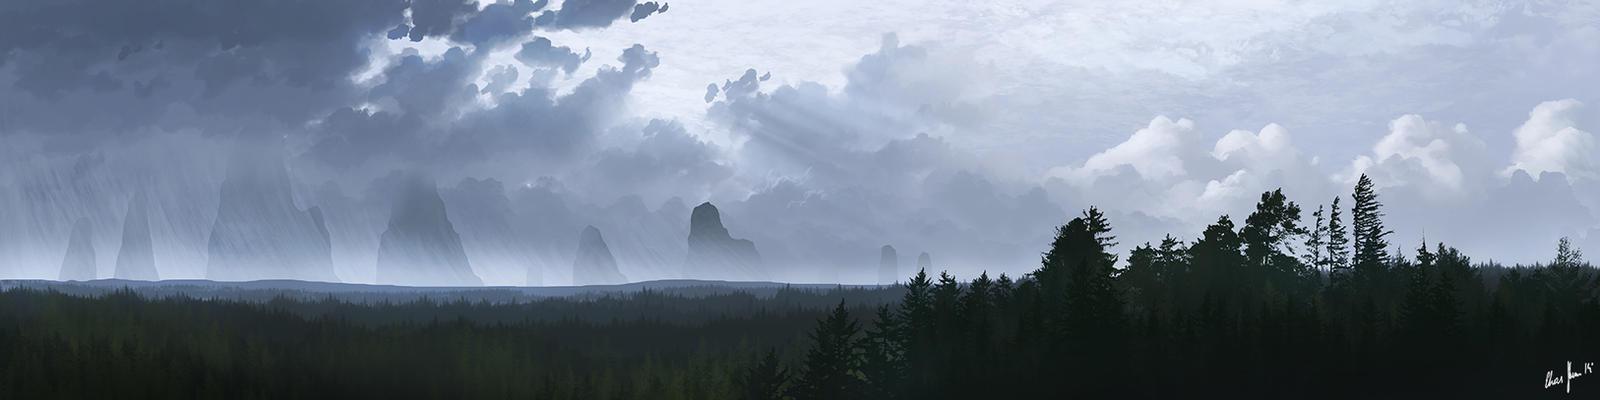 Dark Clouds 03 by LordDoomhammer